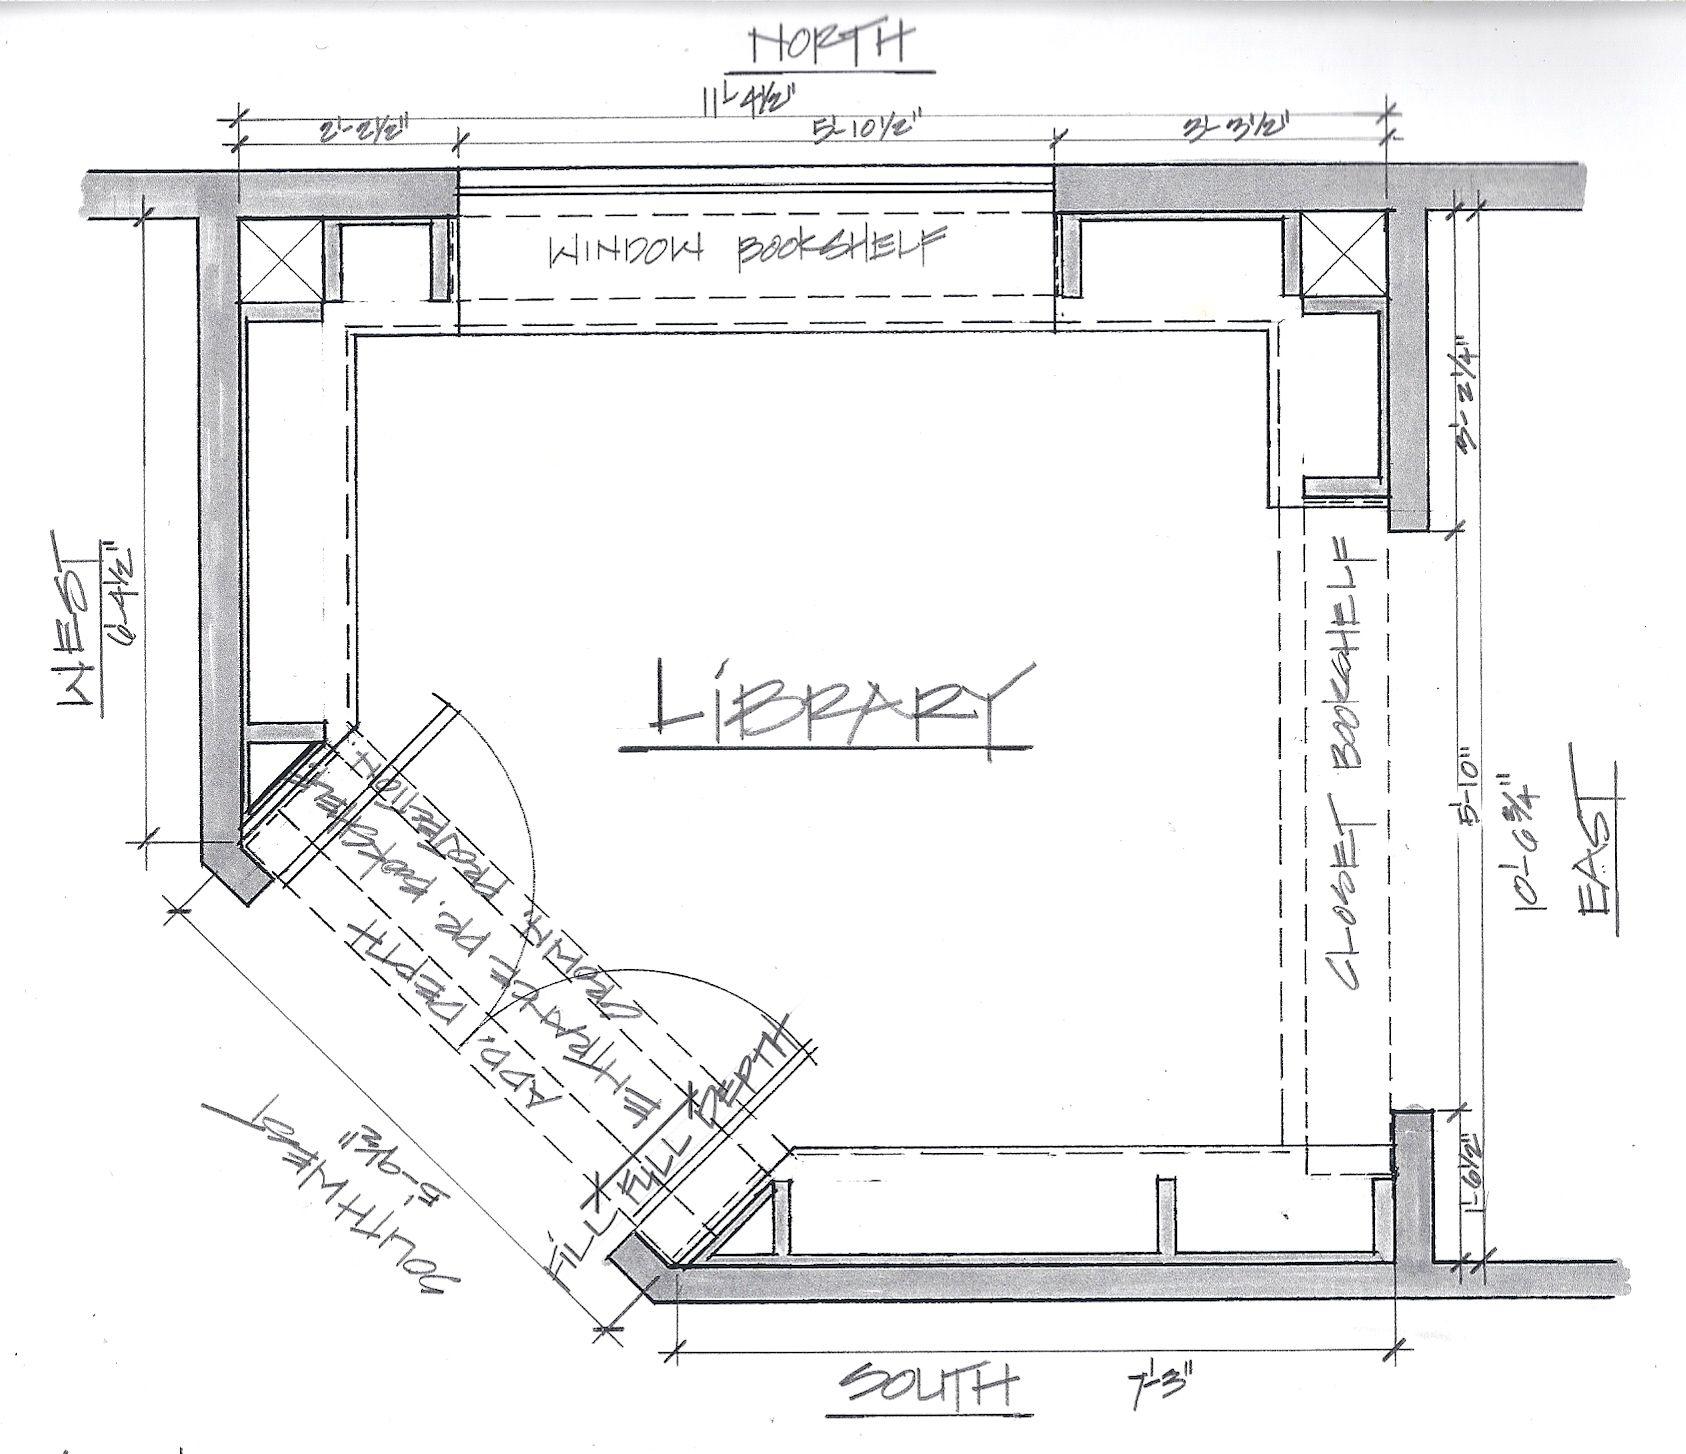 Beautiful Home Library Design Plans Gallery   Eddymerckx.us   Eddymerckx.us